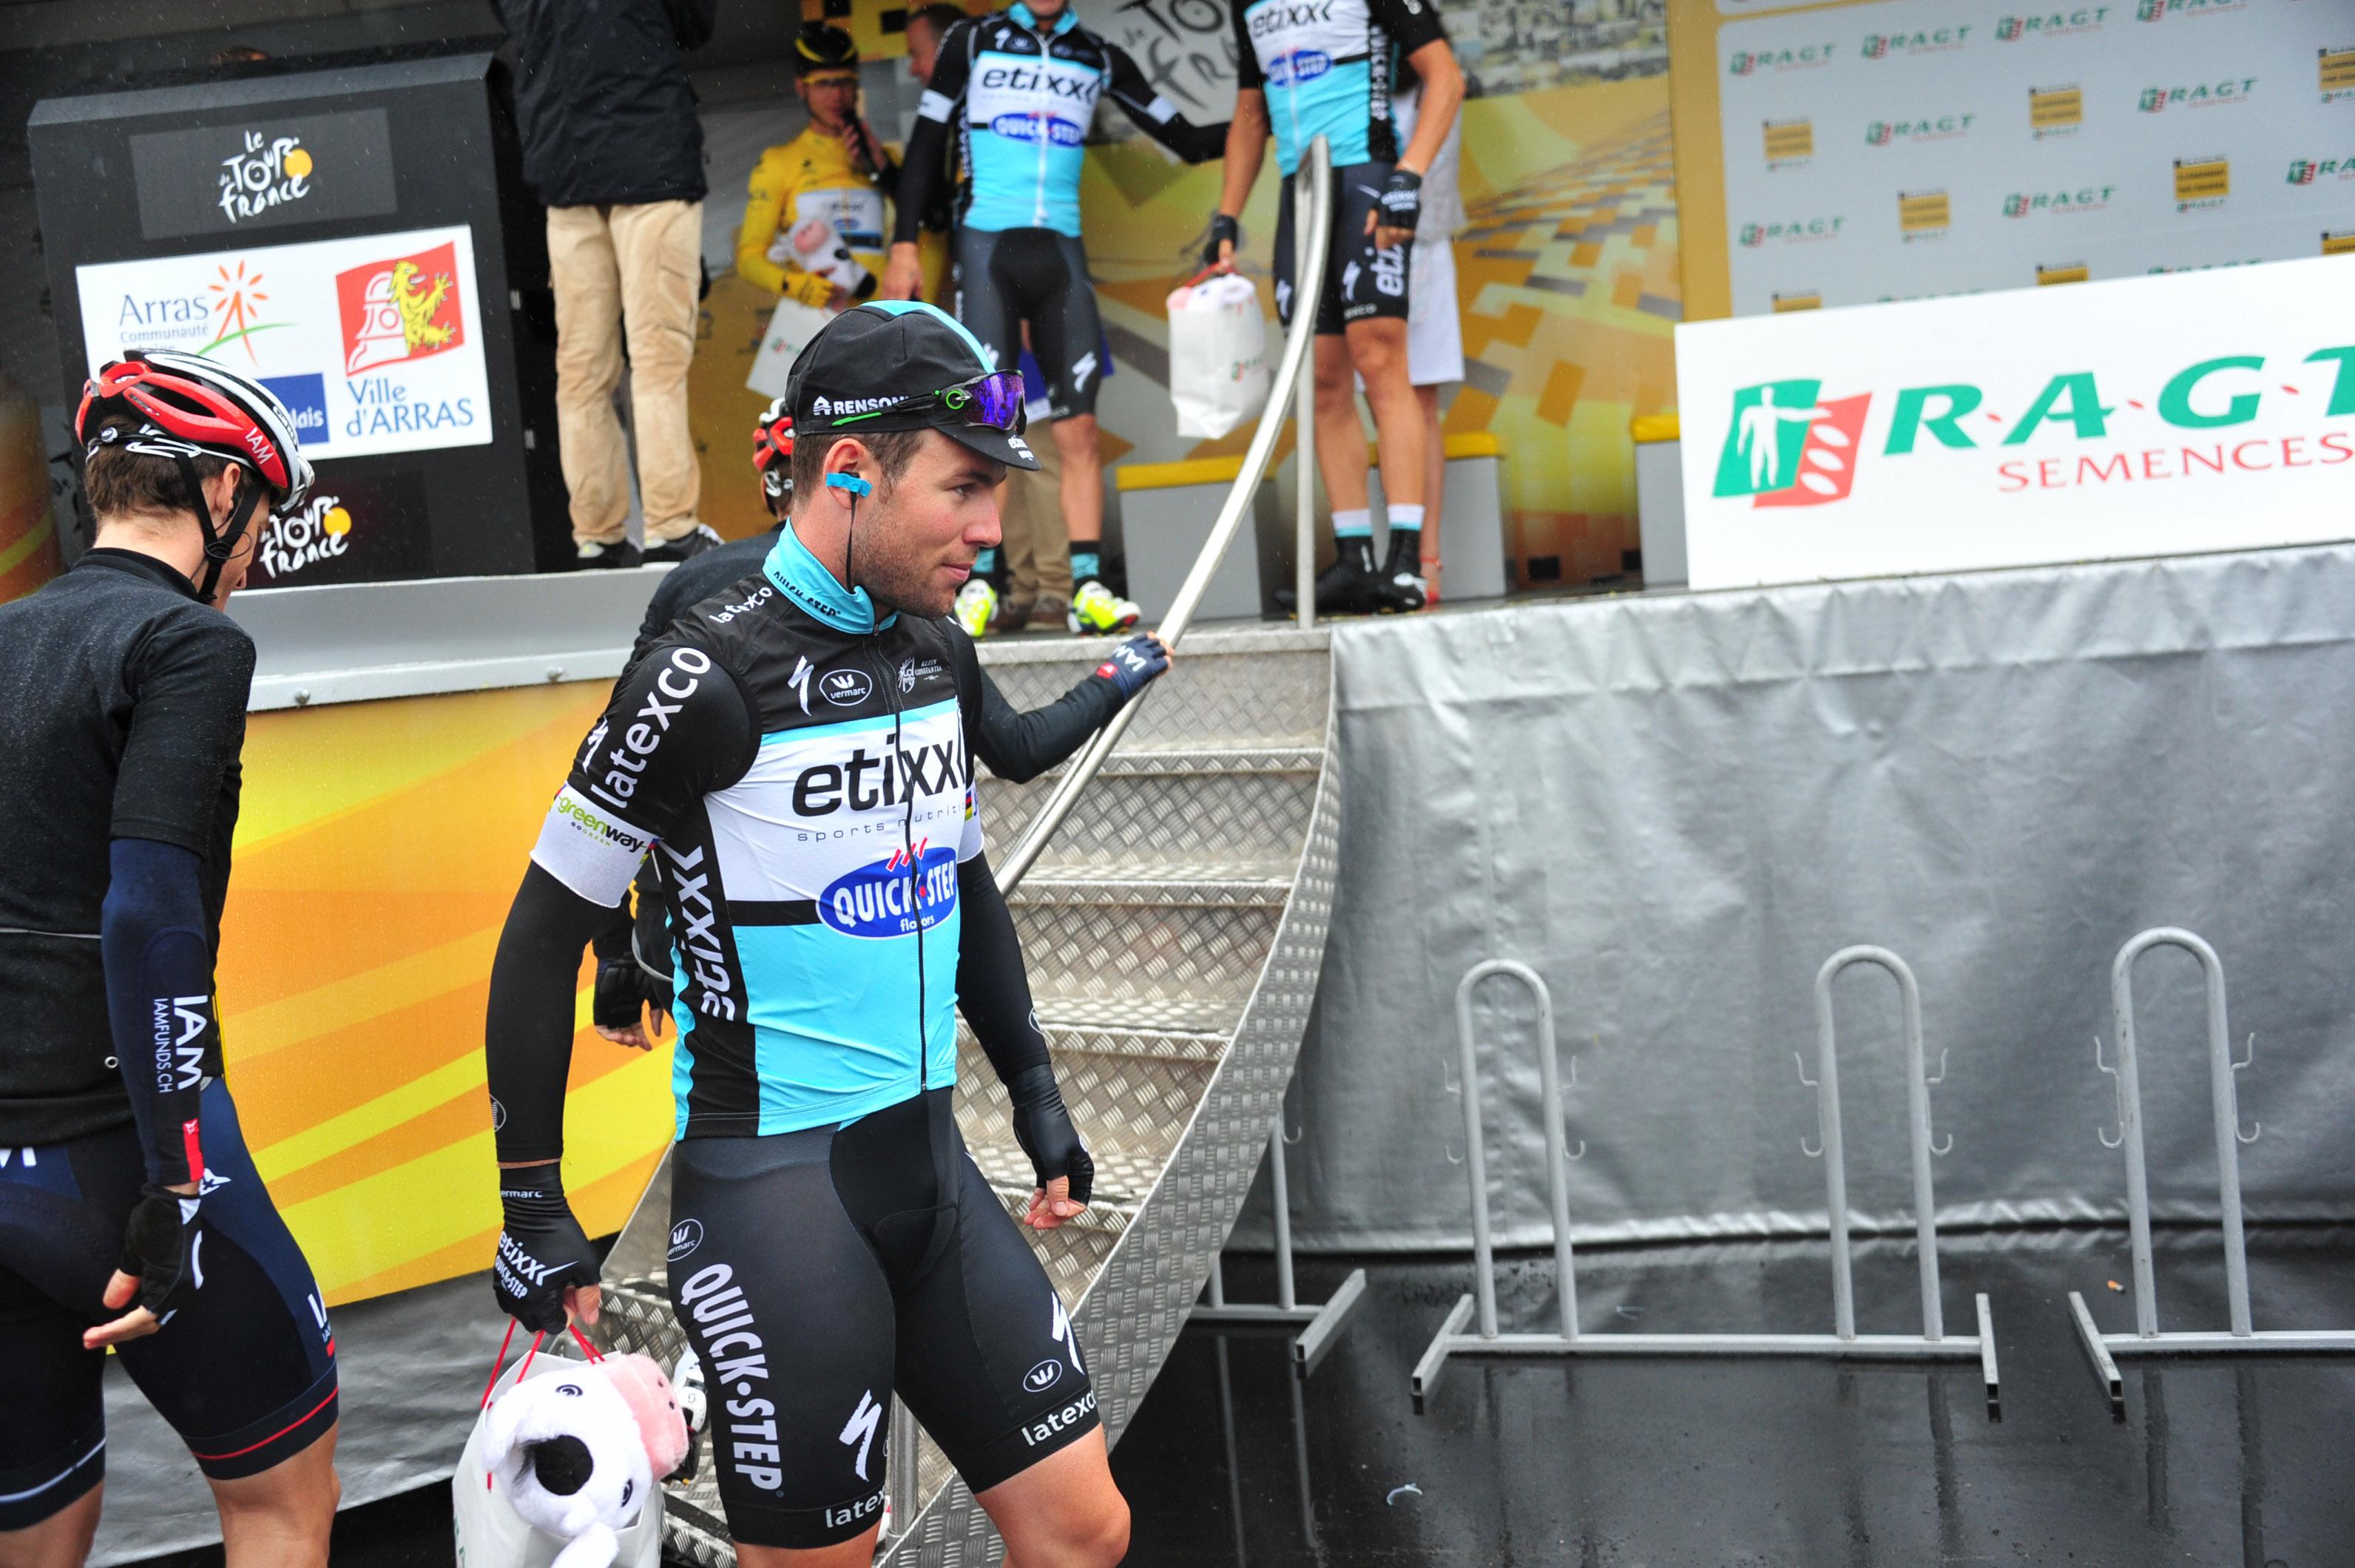 Mark Cavendish - Tour de France 2015 - 5. Etappe